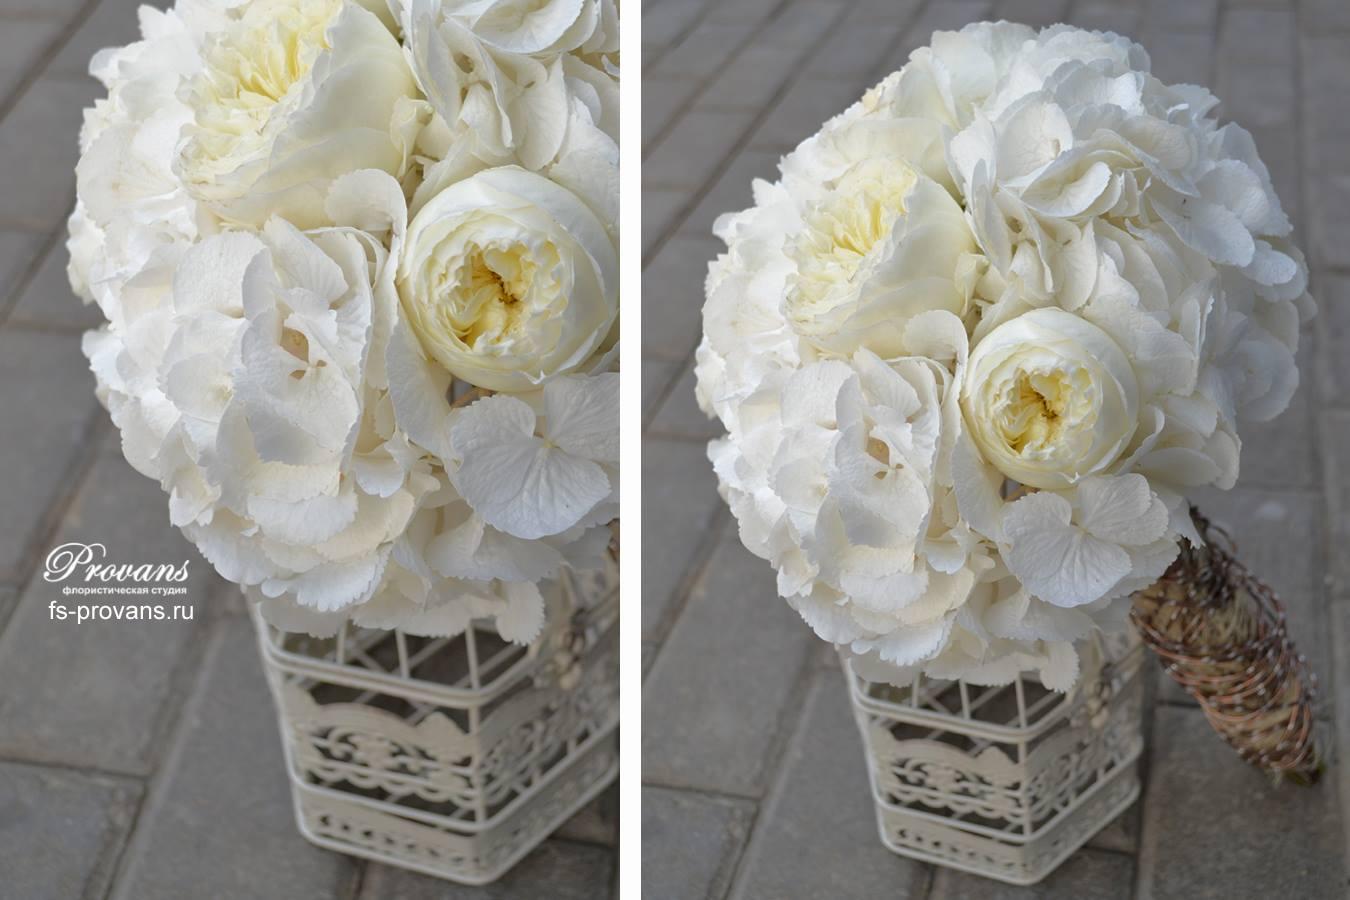 Свадебный букет. Белая гортензия, ароматная роза